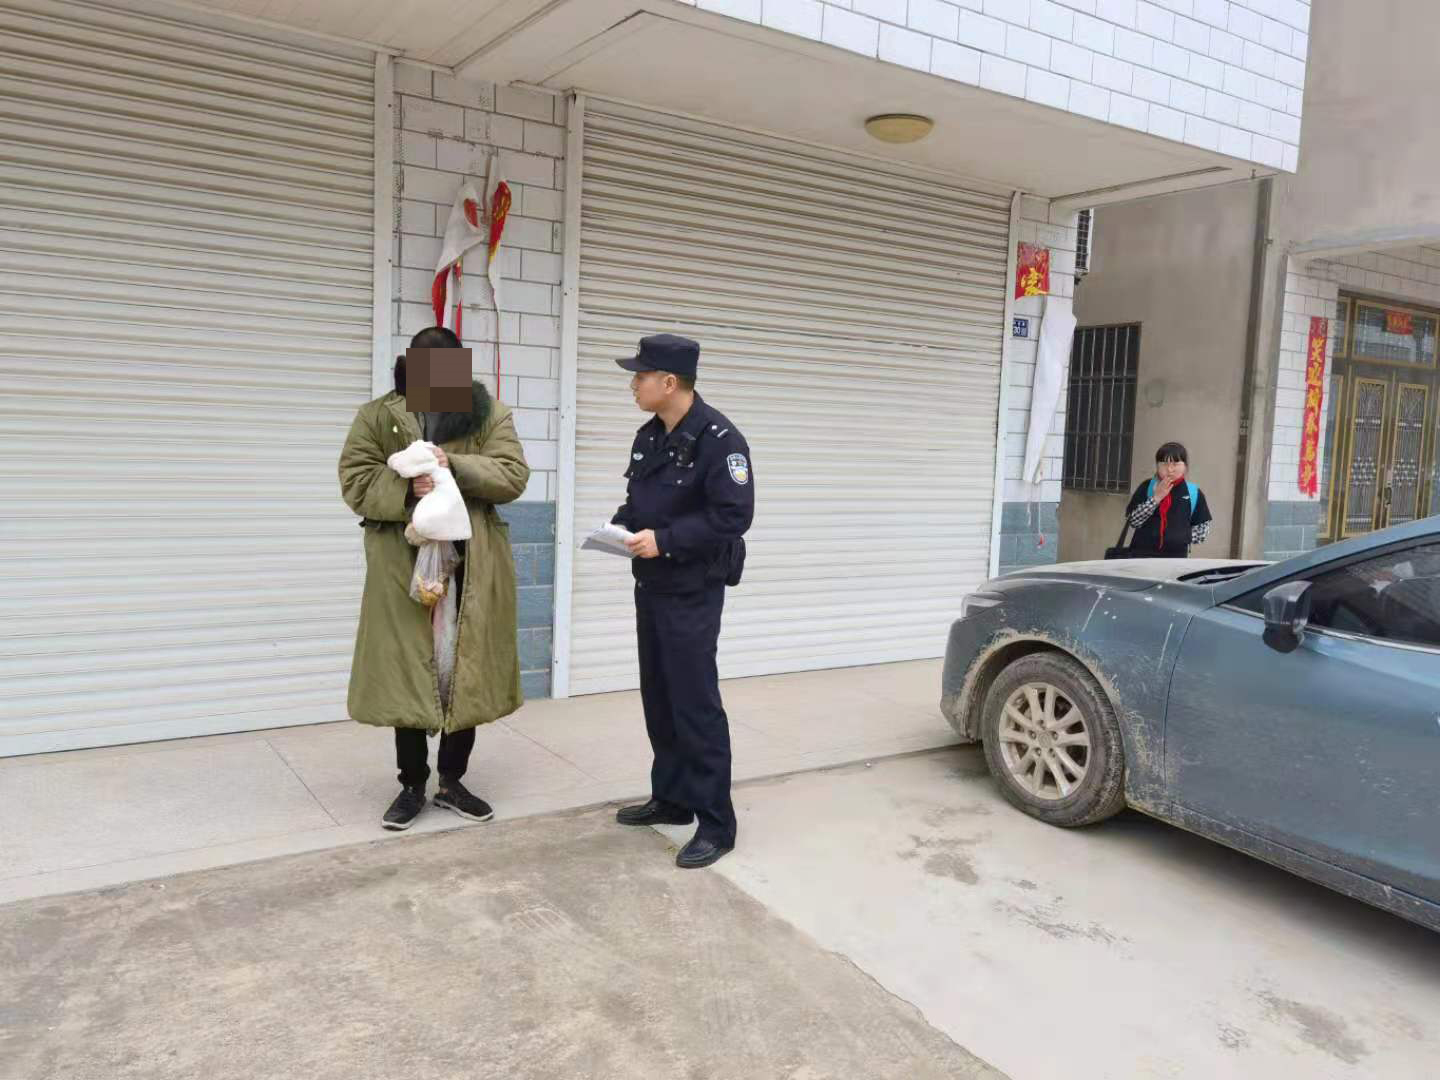 教育整顿:江苏射阳公安局盘湾派出所为群众办实事获好评